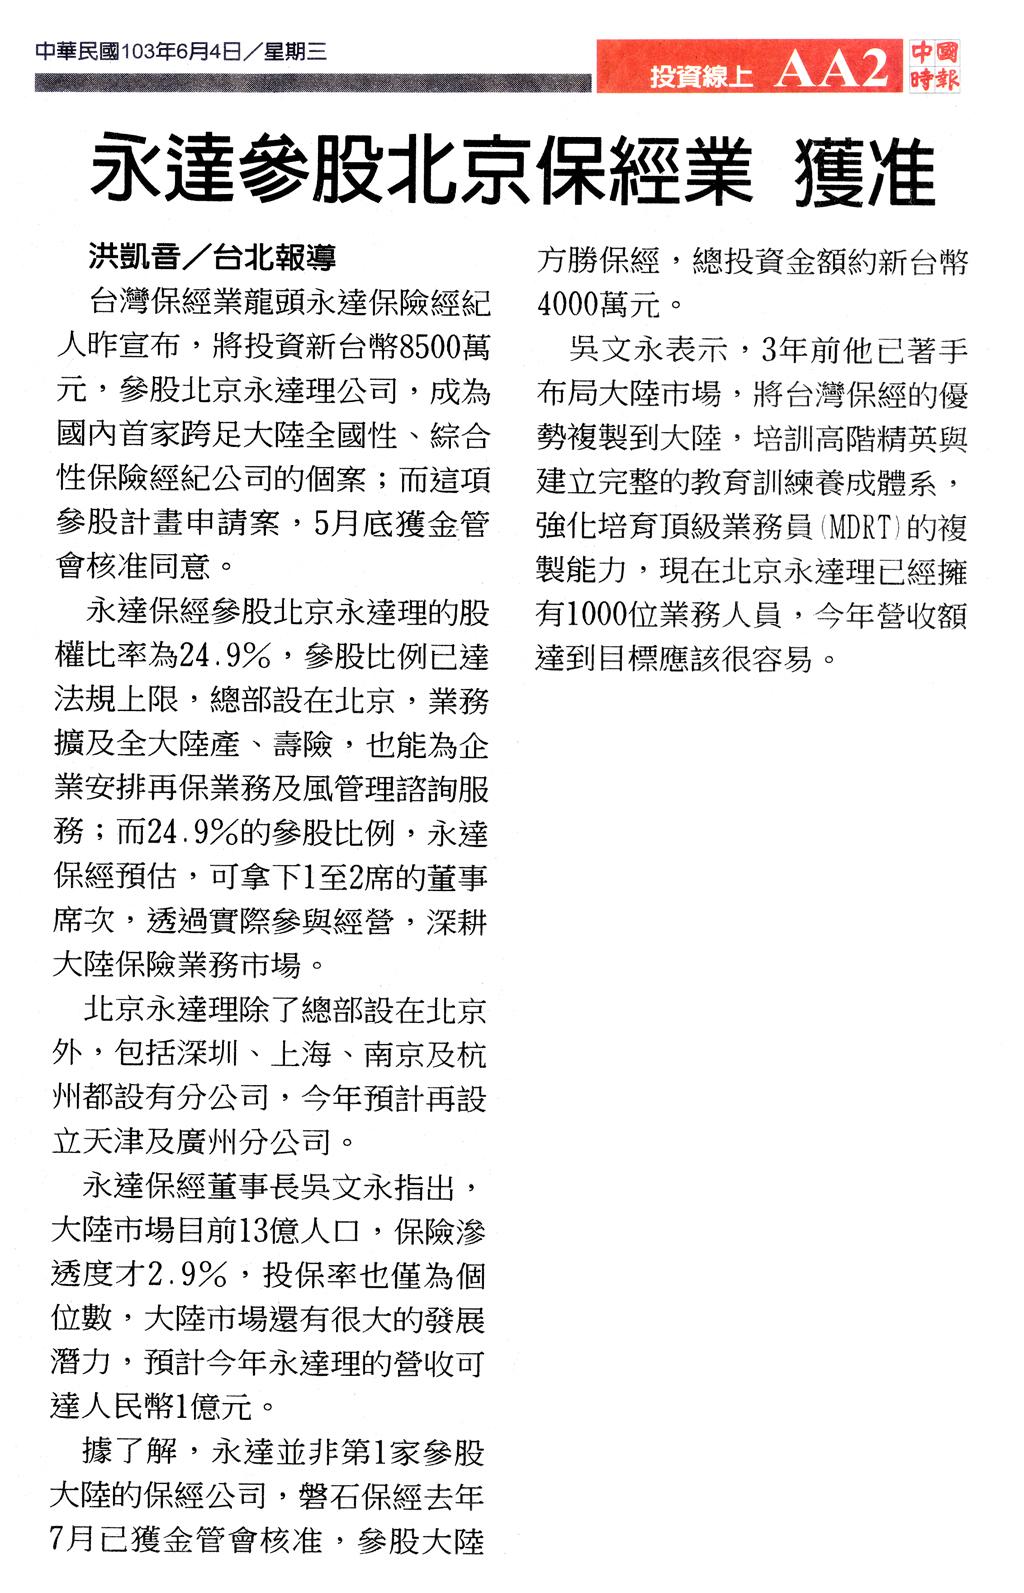 永達參股北京保經業 獲准報導圖檔